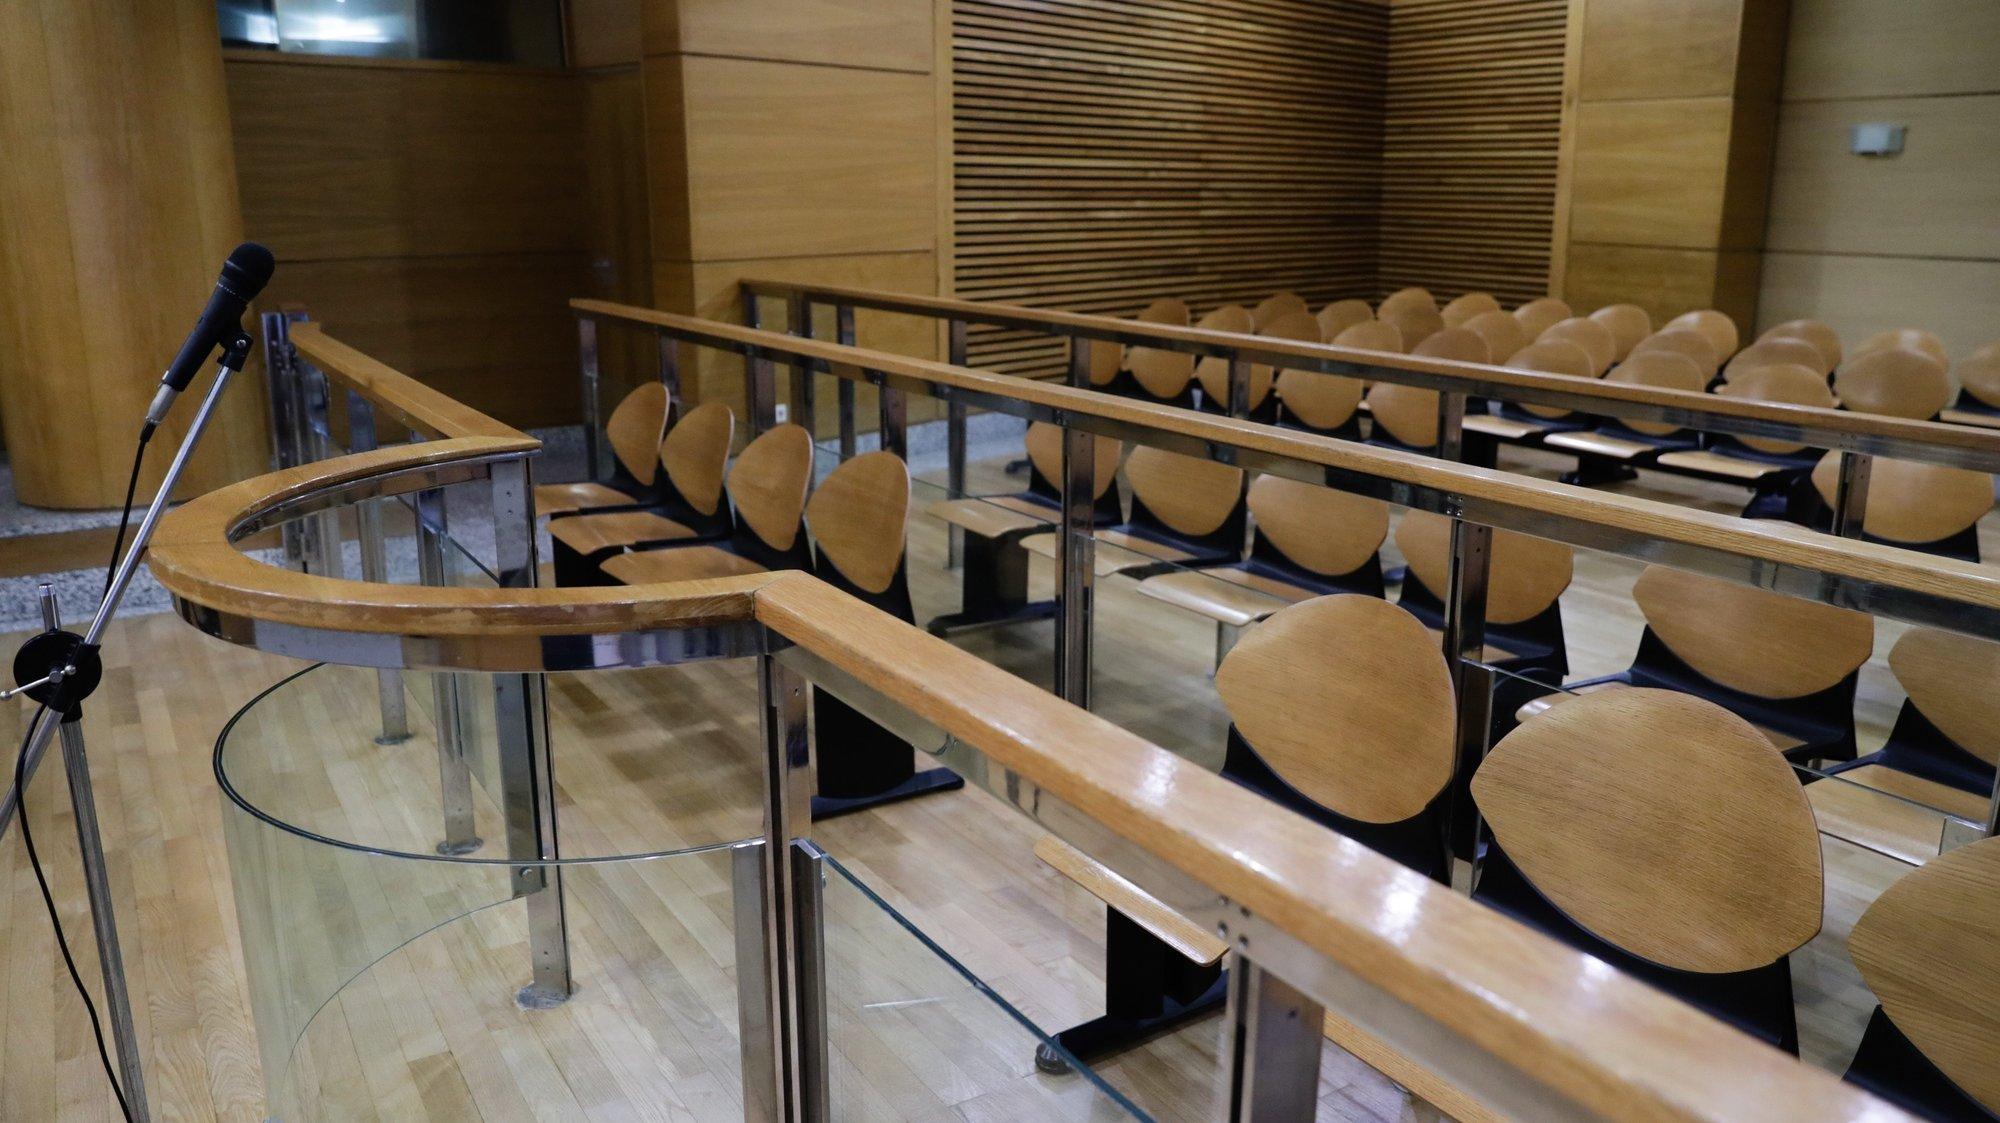 Sala de audiências do Tribunal de Loures onde prossegue o julgamento de Rosa Grilo e António Joaquim, acusados pelo Ministério Público (MP) da coautoria do homicídio do triatleta Luís Grilo, marido da arguida, 17 de setembro de 2019. TIAGO PETINGA/LUSA